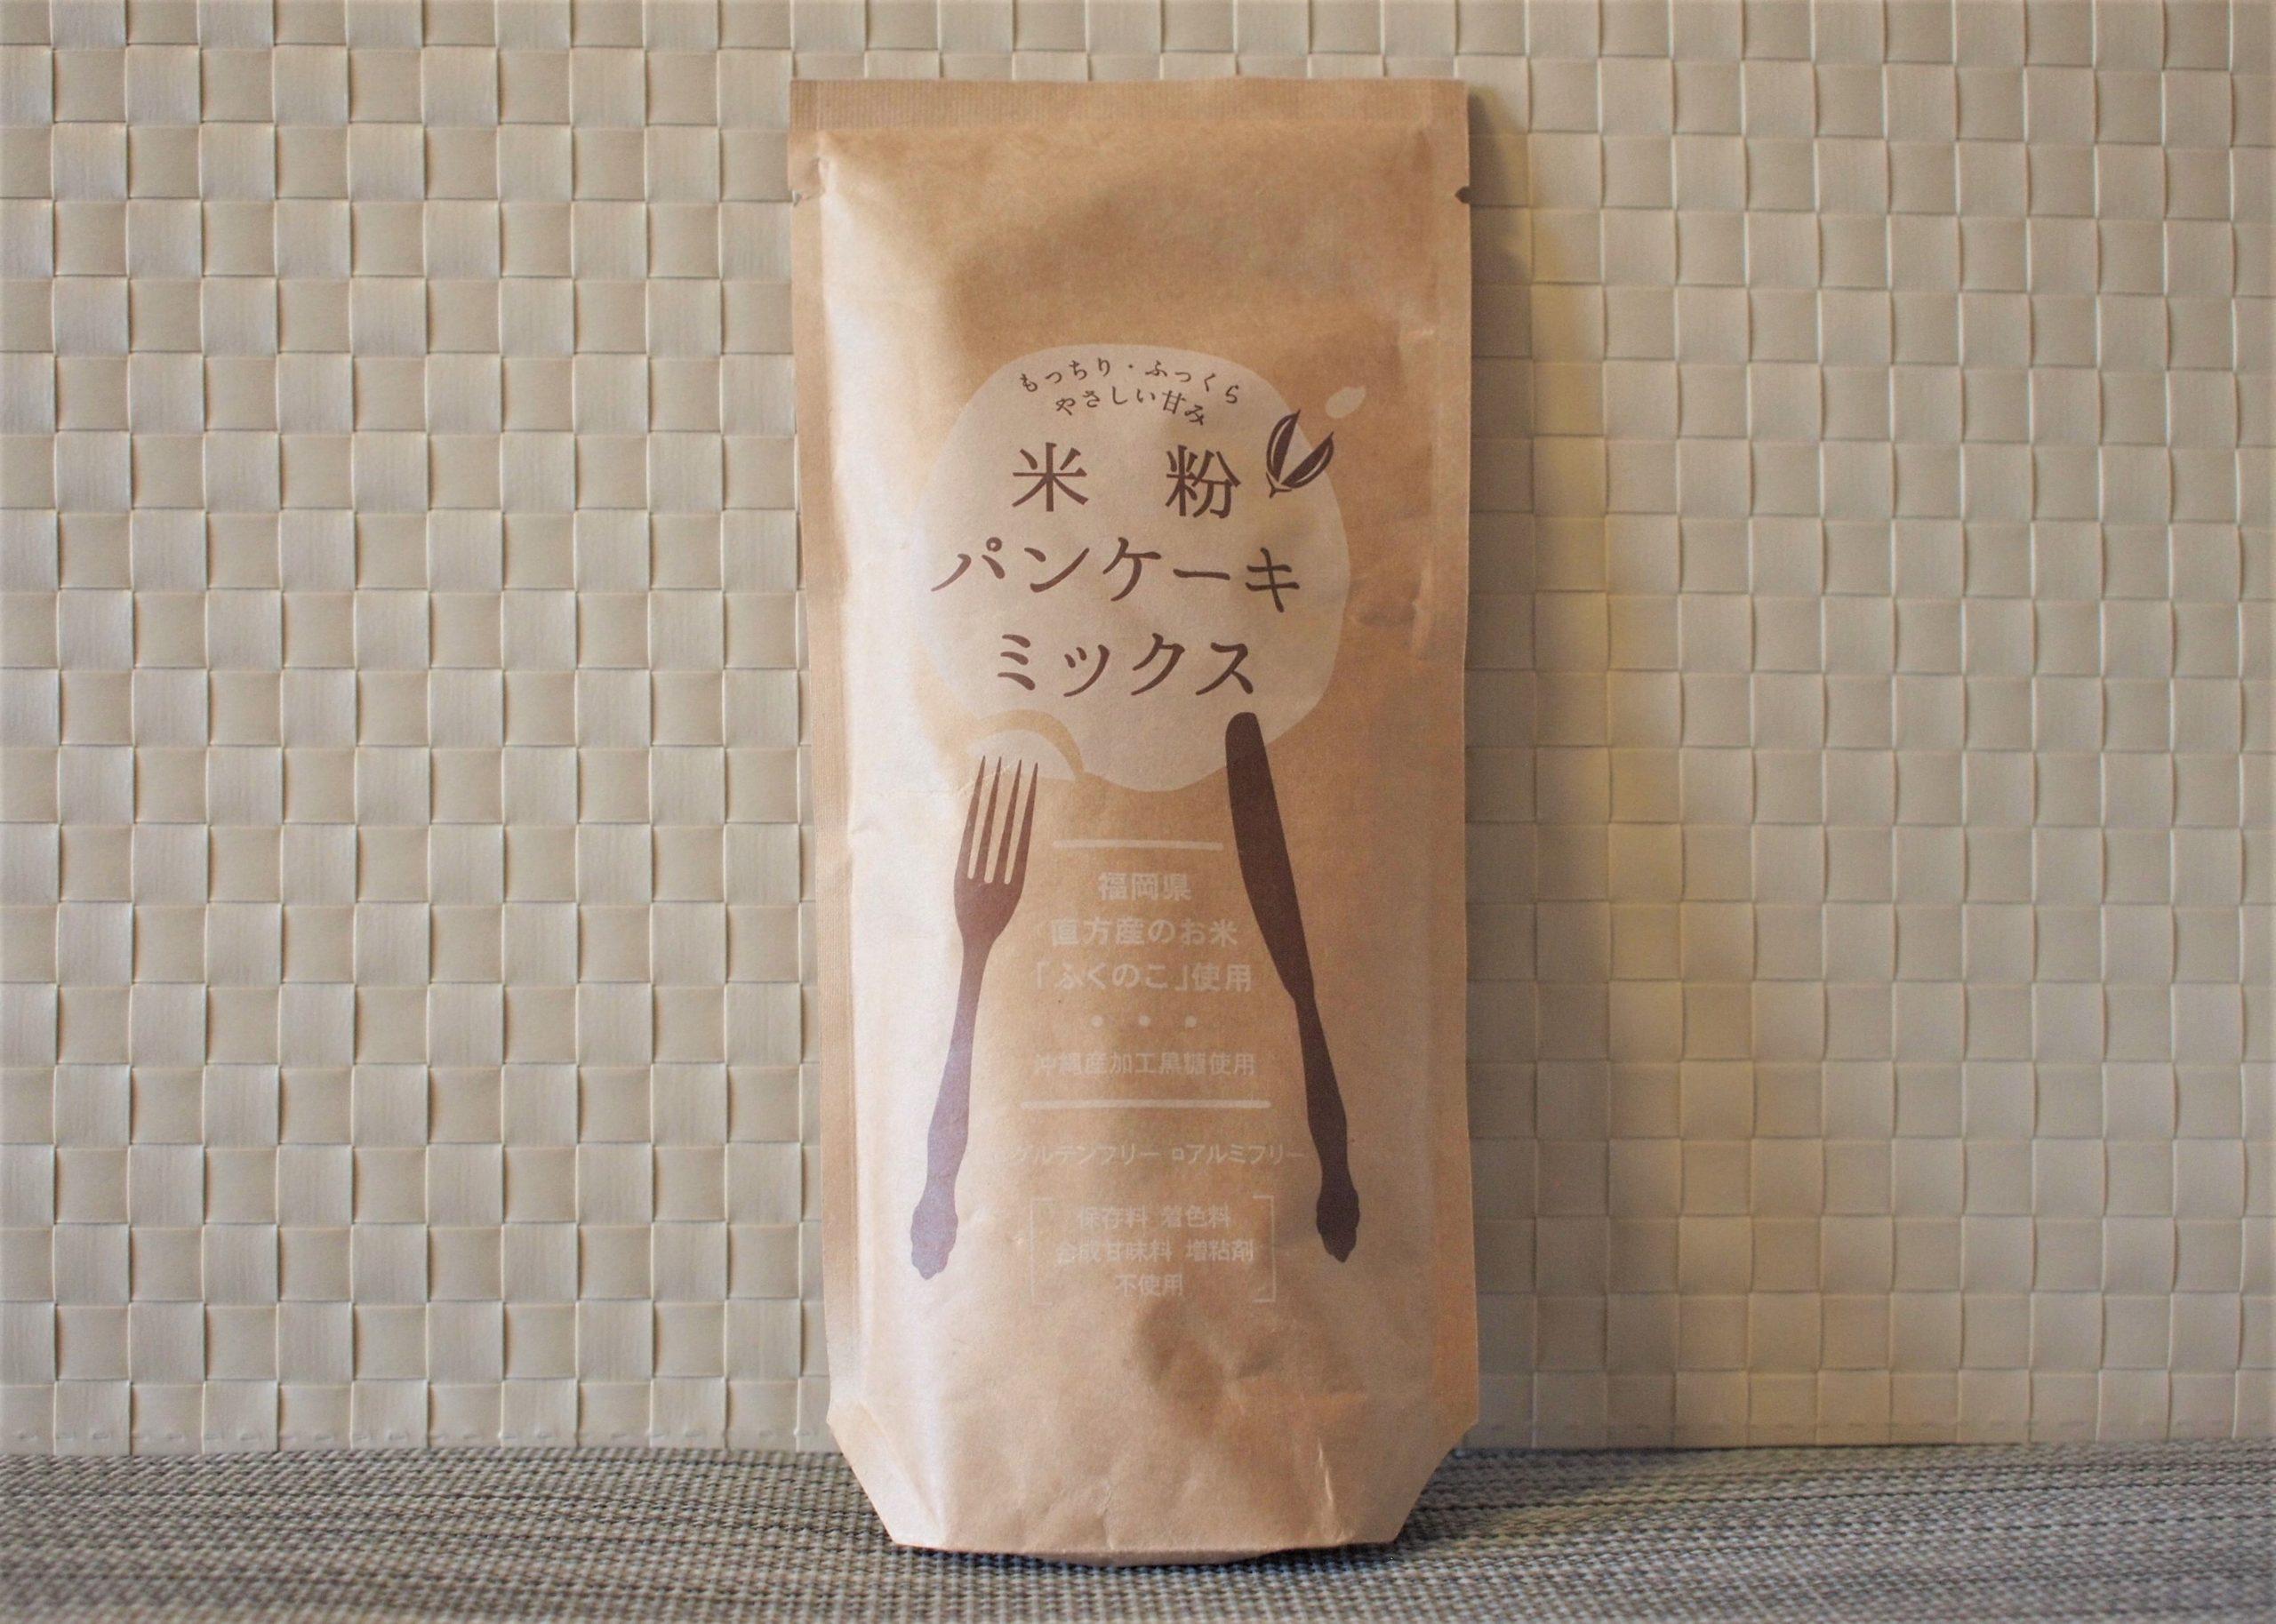 米粉パンケーキミックス